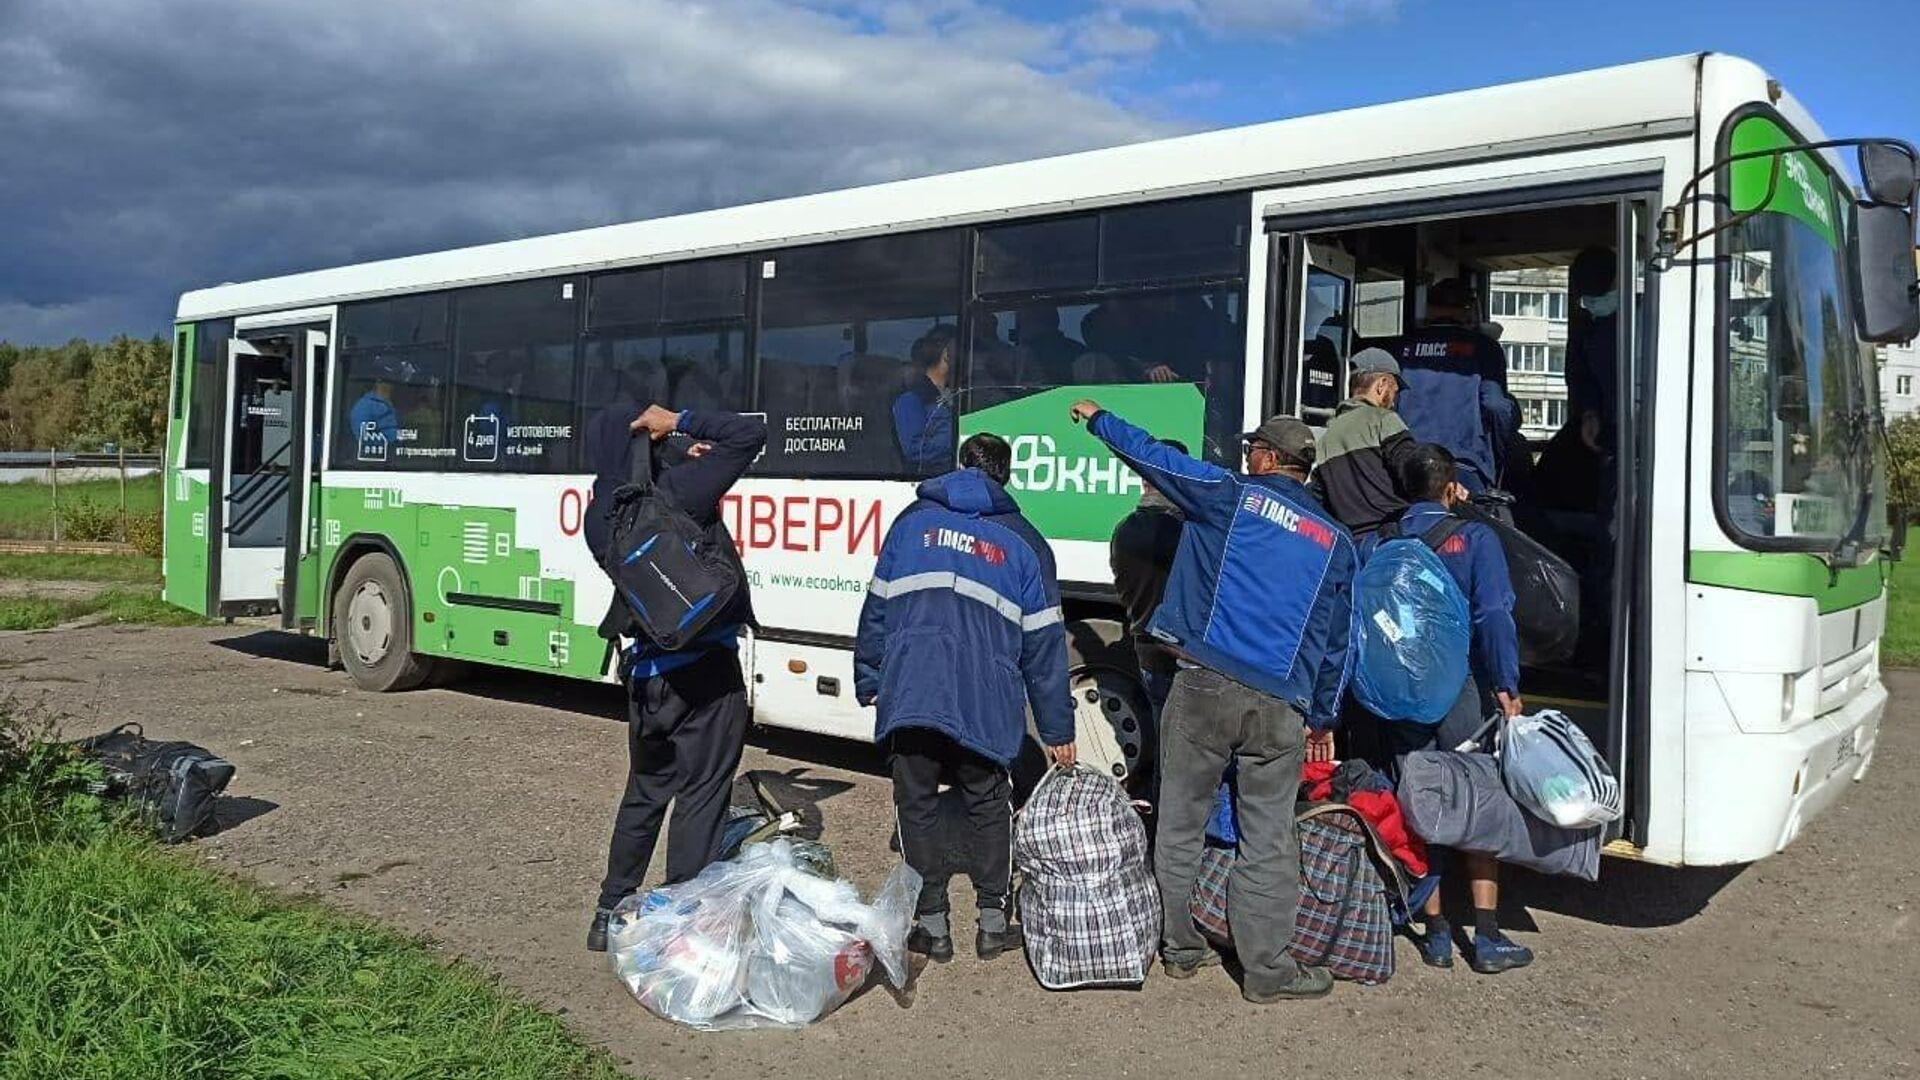 Мигранты покидают общежитие в селе Бужаниново - РИА Новости, 1920, 14.09.2021